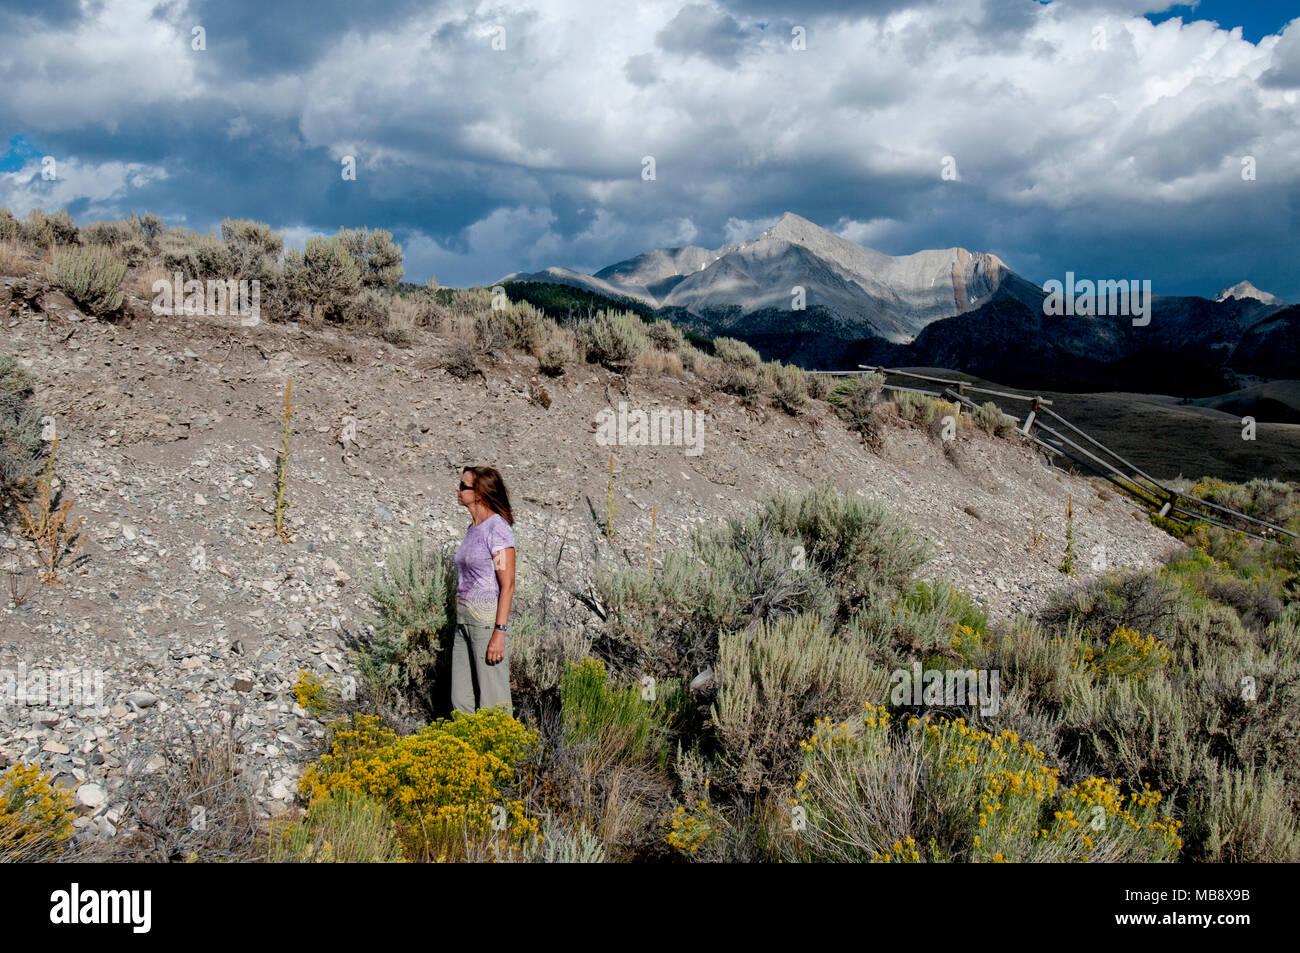 Il Monte Borah 21-miglio-lungo terremoto scarpata con il Monte Borah in background (MR) Immagini Stock